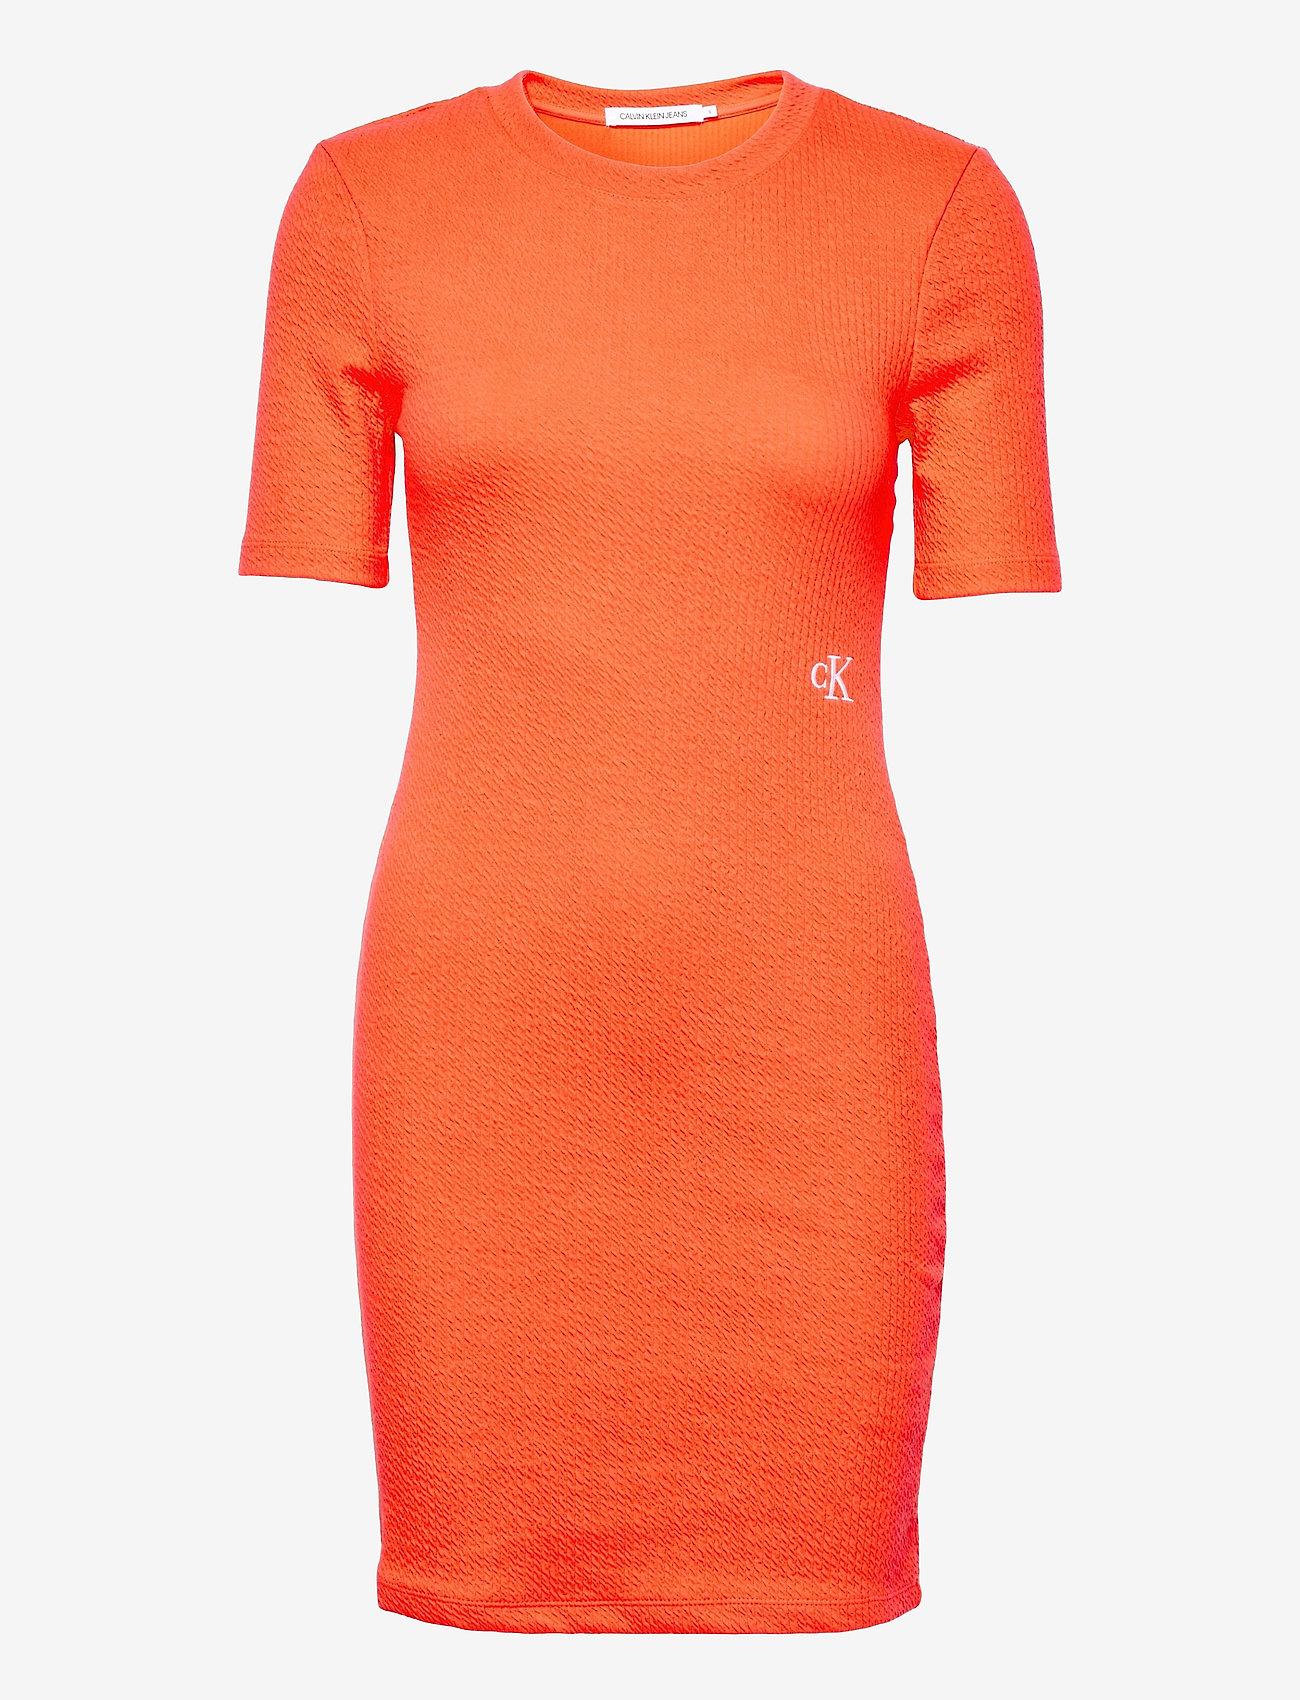 Calvin Klein Jeans - SLUB RIB 3/4 SLEEVES DRESS - sommerkjoler - shocking orange - 0